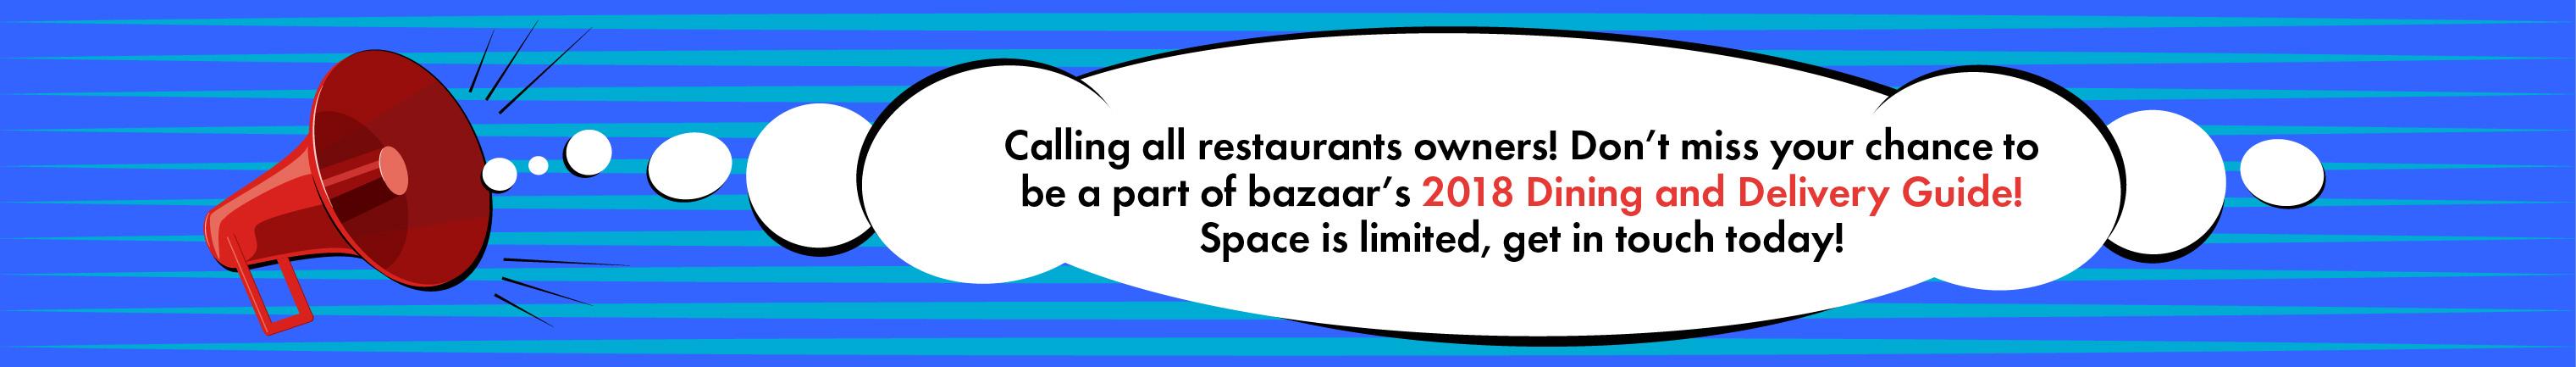 bazaar.town